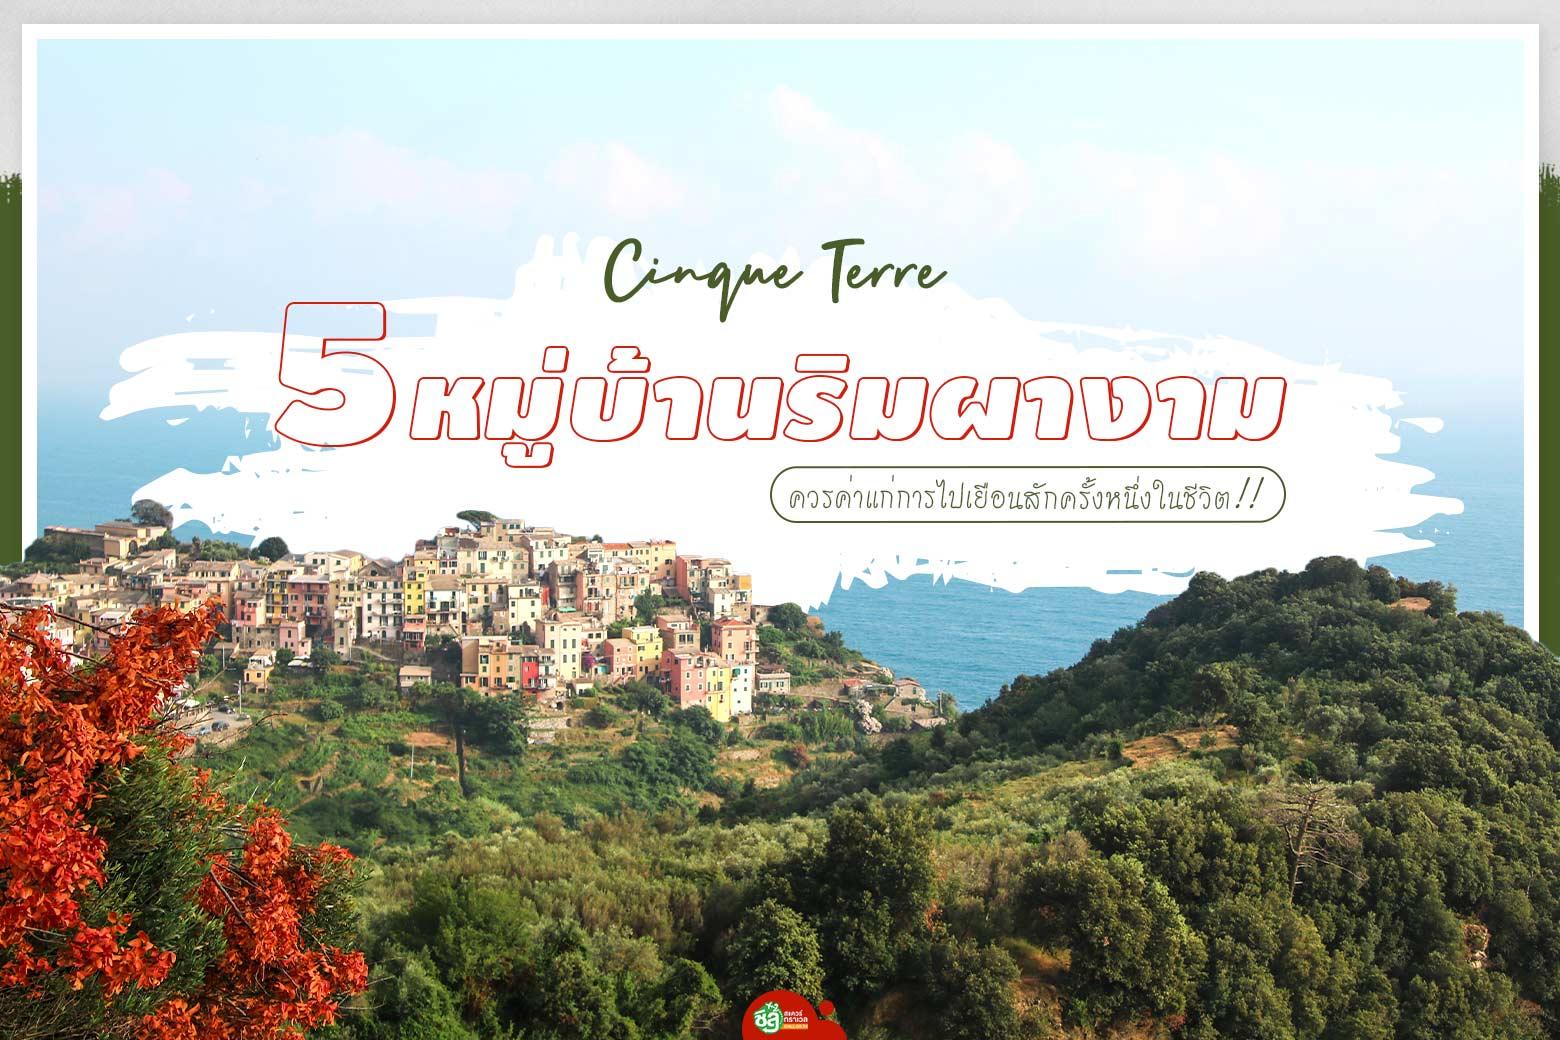 พาเยือน Cinque Terre 5 หมู่บ้านริมผางามในอิตาลี ที่ควรค่าแก่การไปเยือนสักครั้งหนึ่งในชีวิต